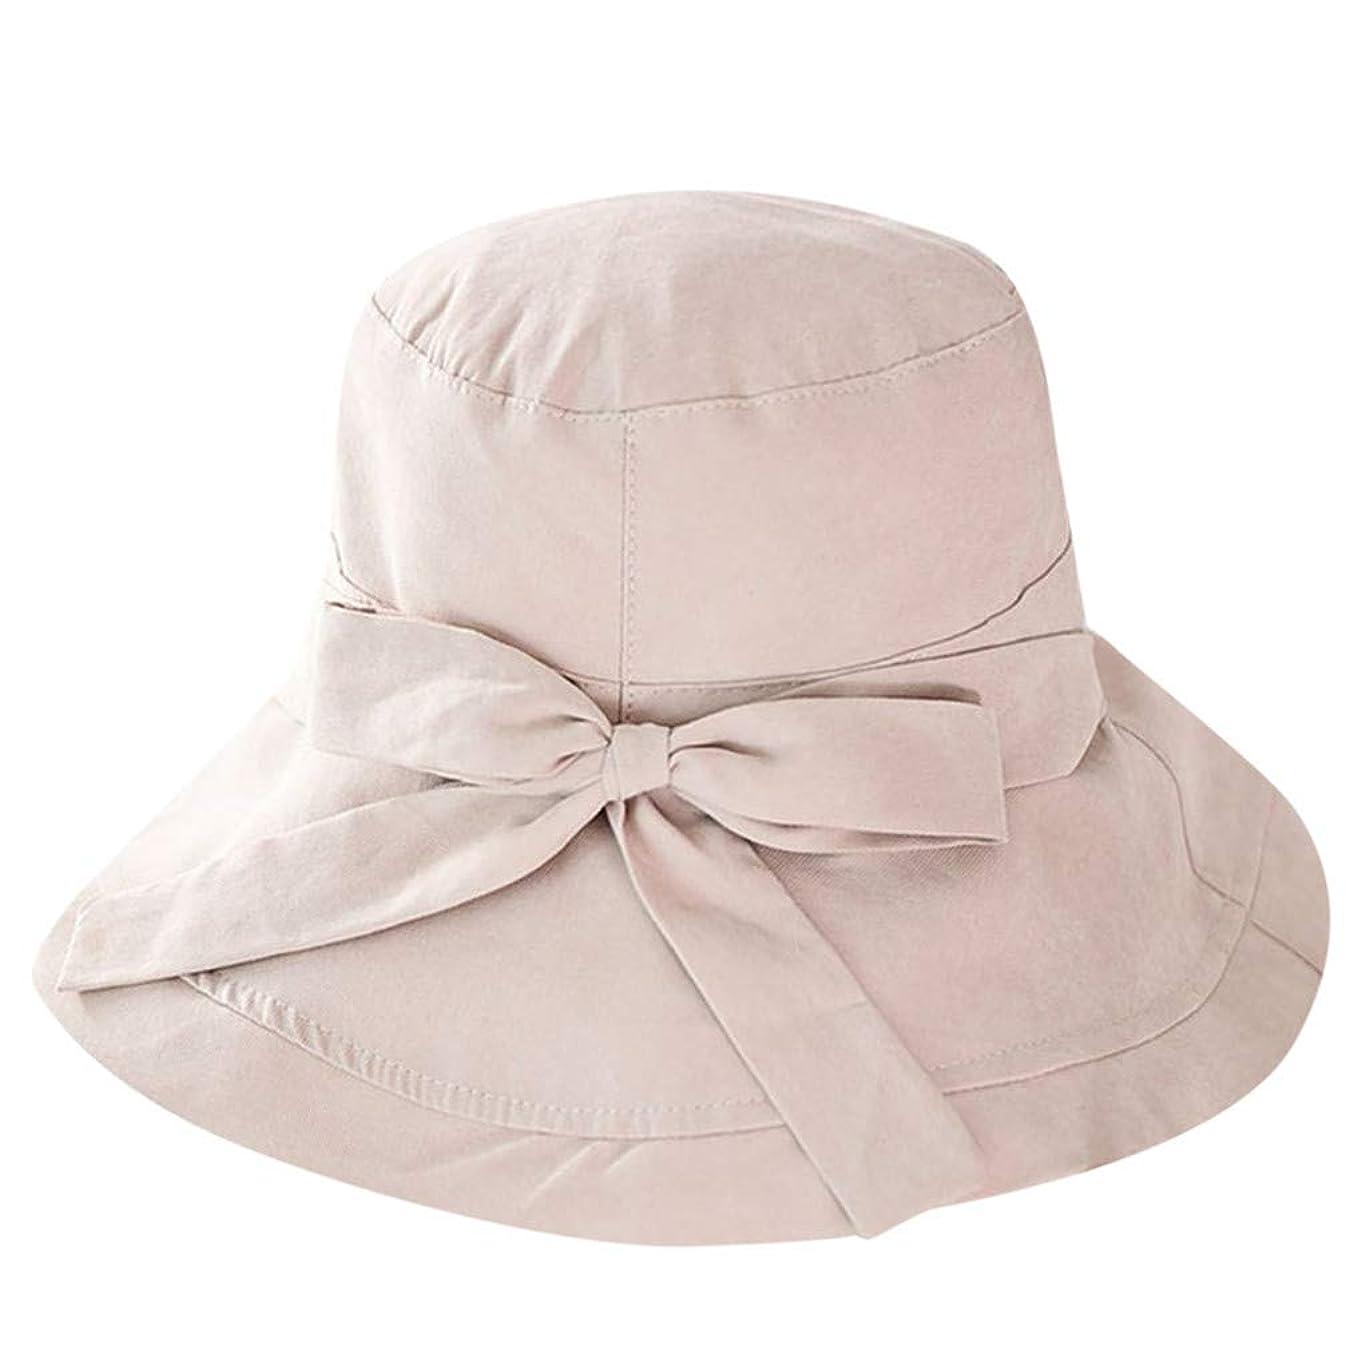 インカ帝国探偵レザーKaiweini レディース夏漁夫帽カジュアル日よけバイザービッグエッジクロスキャップ人気の屋外折りたたみビーチキャップチャイルドハット日焼け止め太陽帽